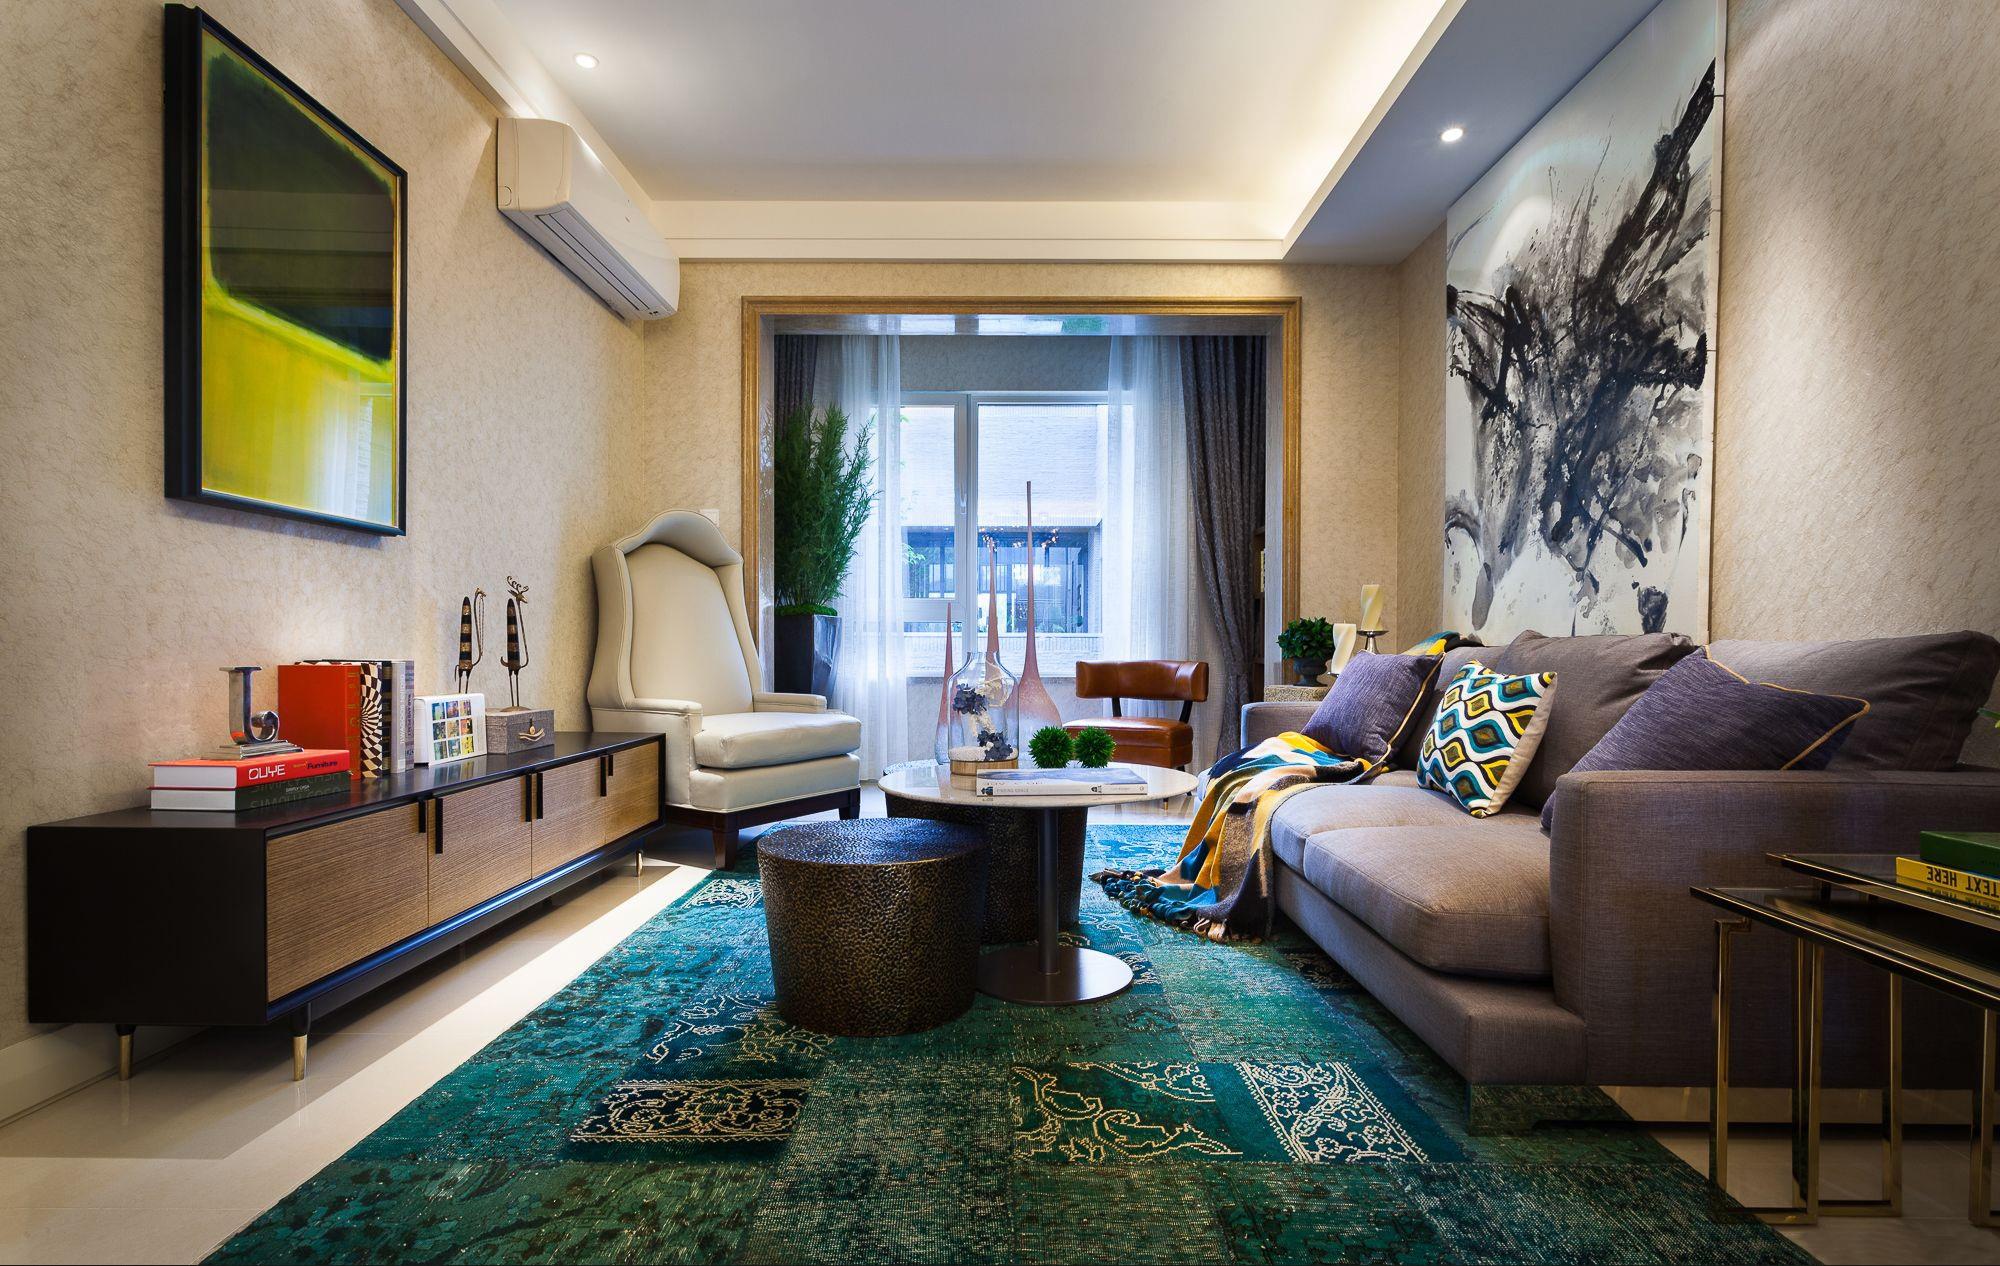 混搭 三居 大户型 复式 跃层 别墅 80后 小资 客厅图片来自高度国际姚吉智在气质满满 160平米混搭风格装修的分享